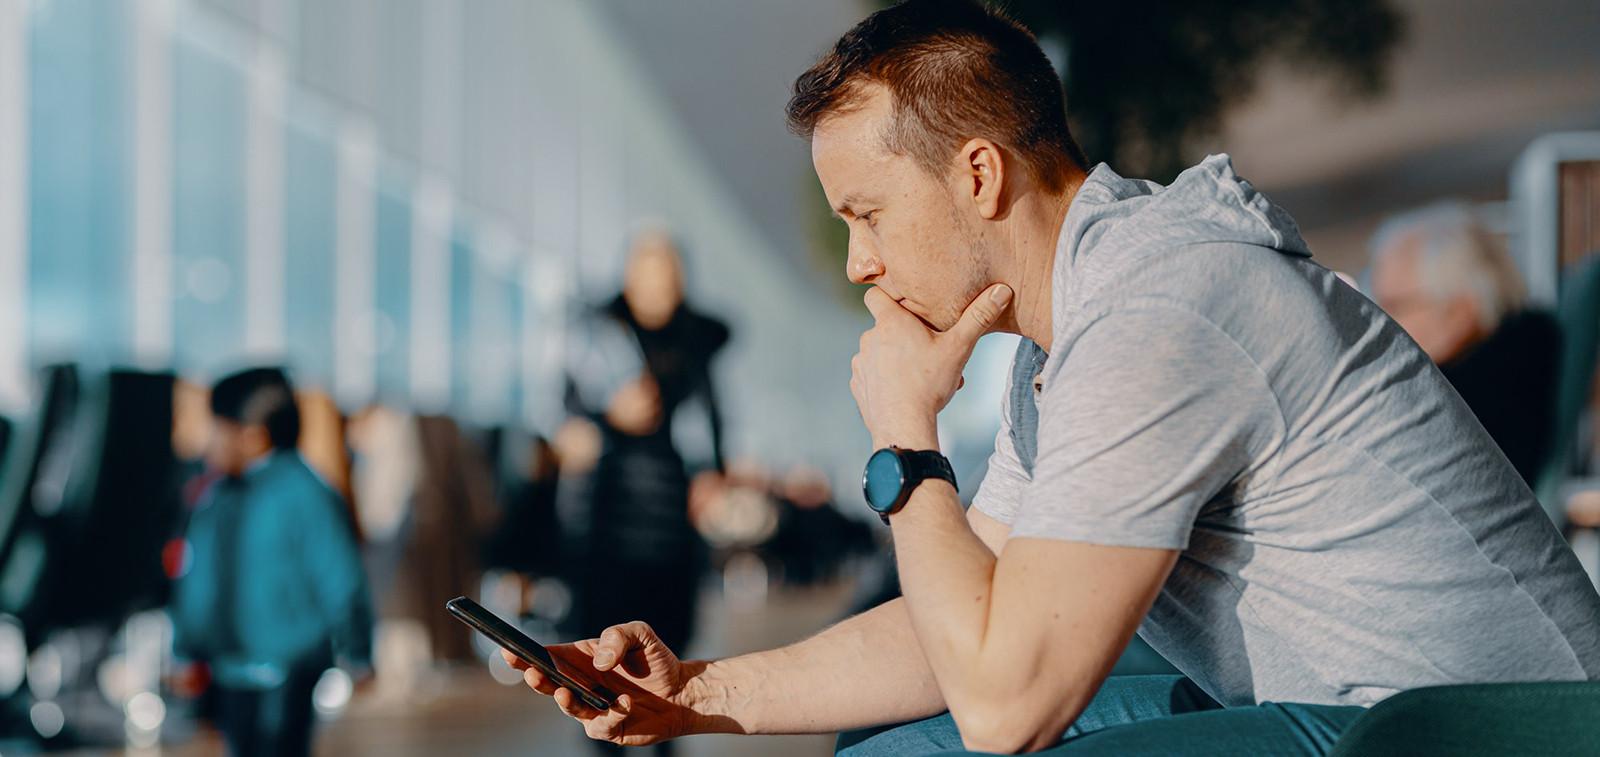 Digituen kuvituskuva, Digi- ja väestötietovirasto, mies käyttää älypuhelinta.